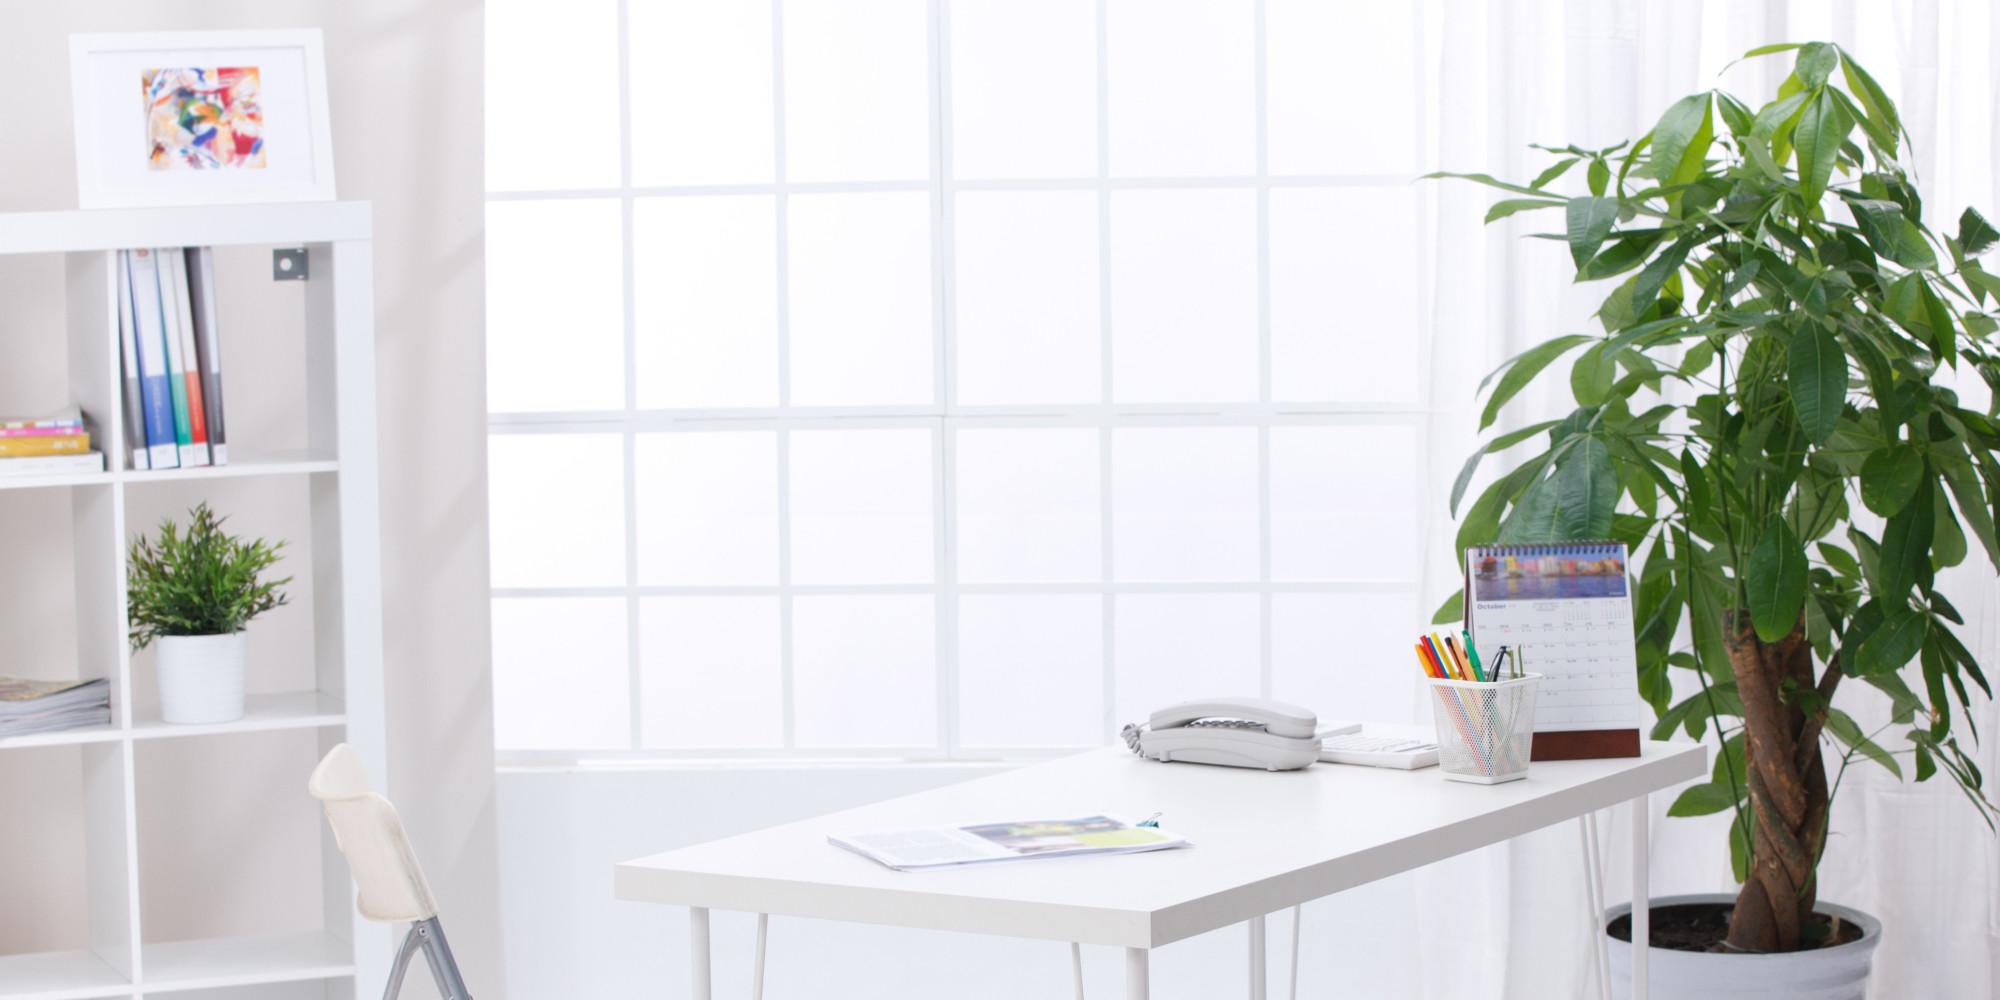 Les effets des plantes vertes au travail